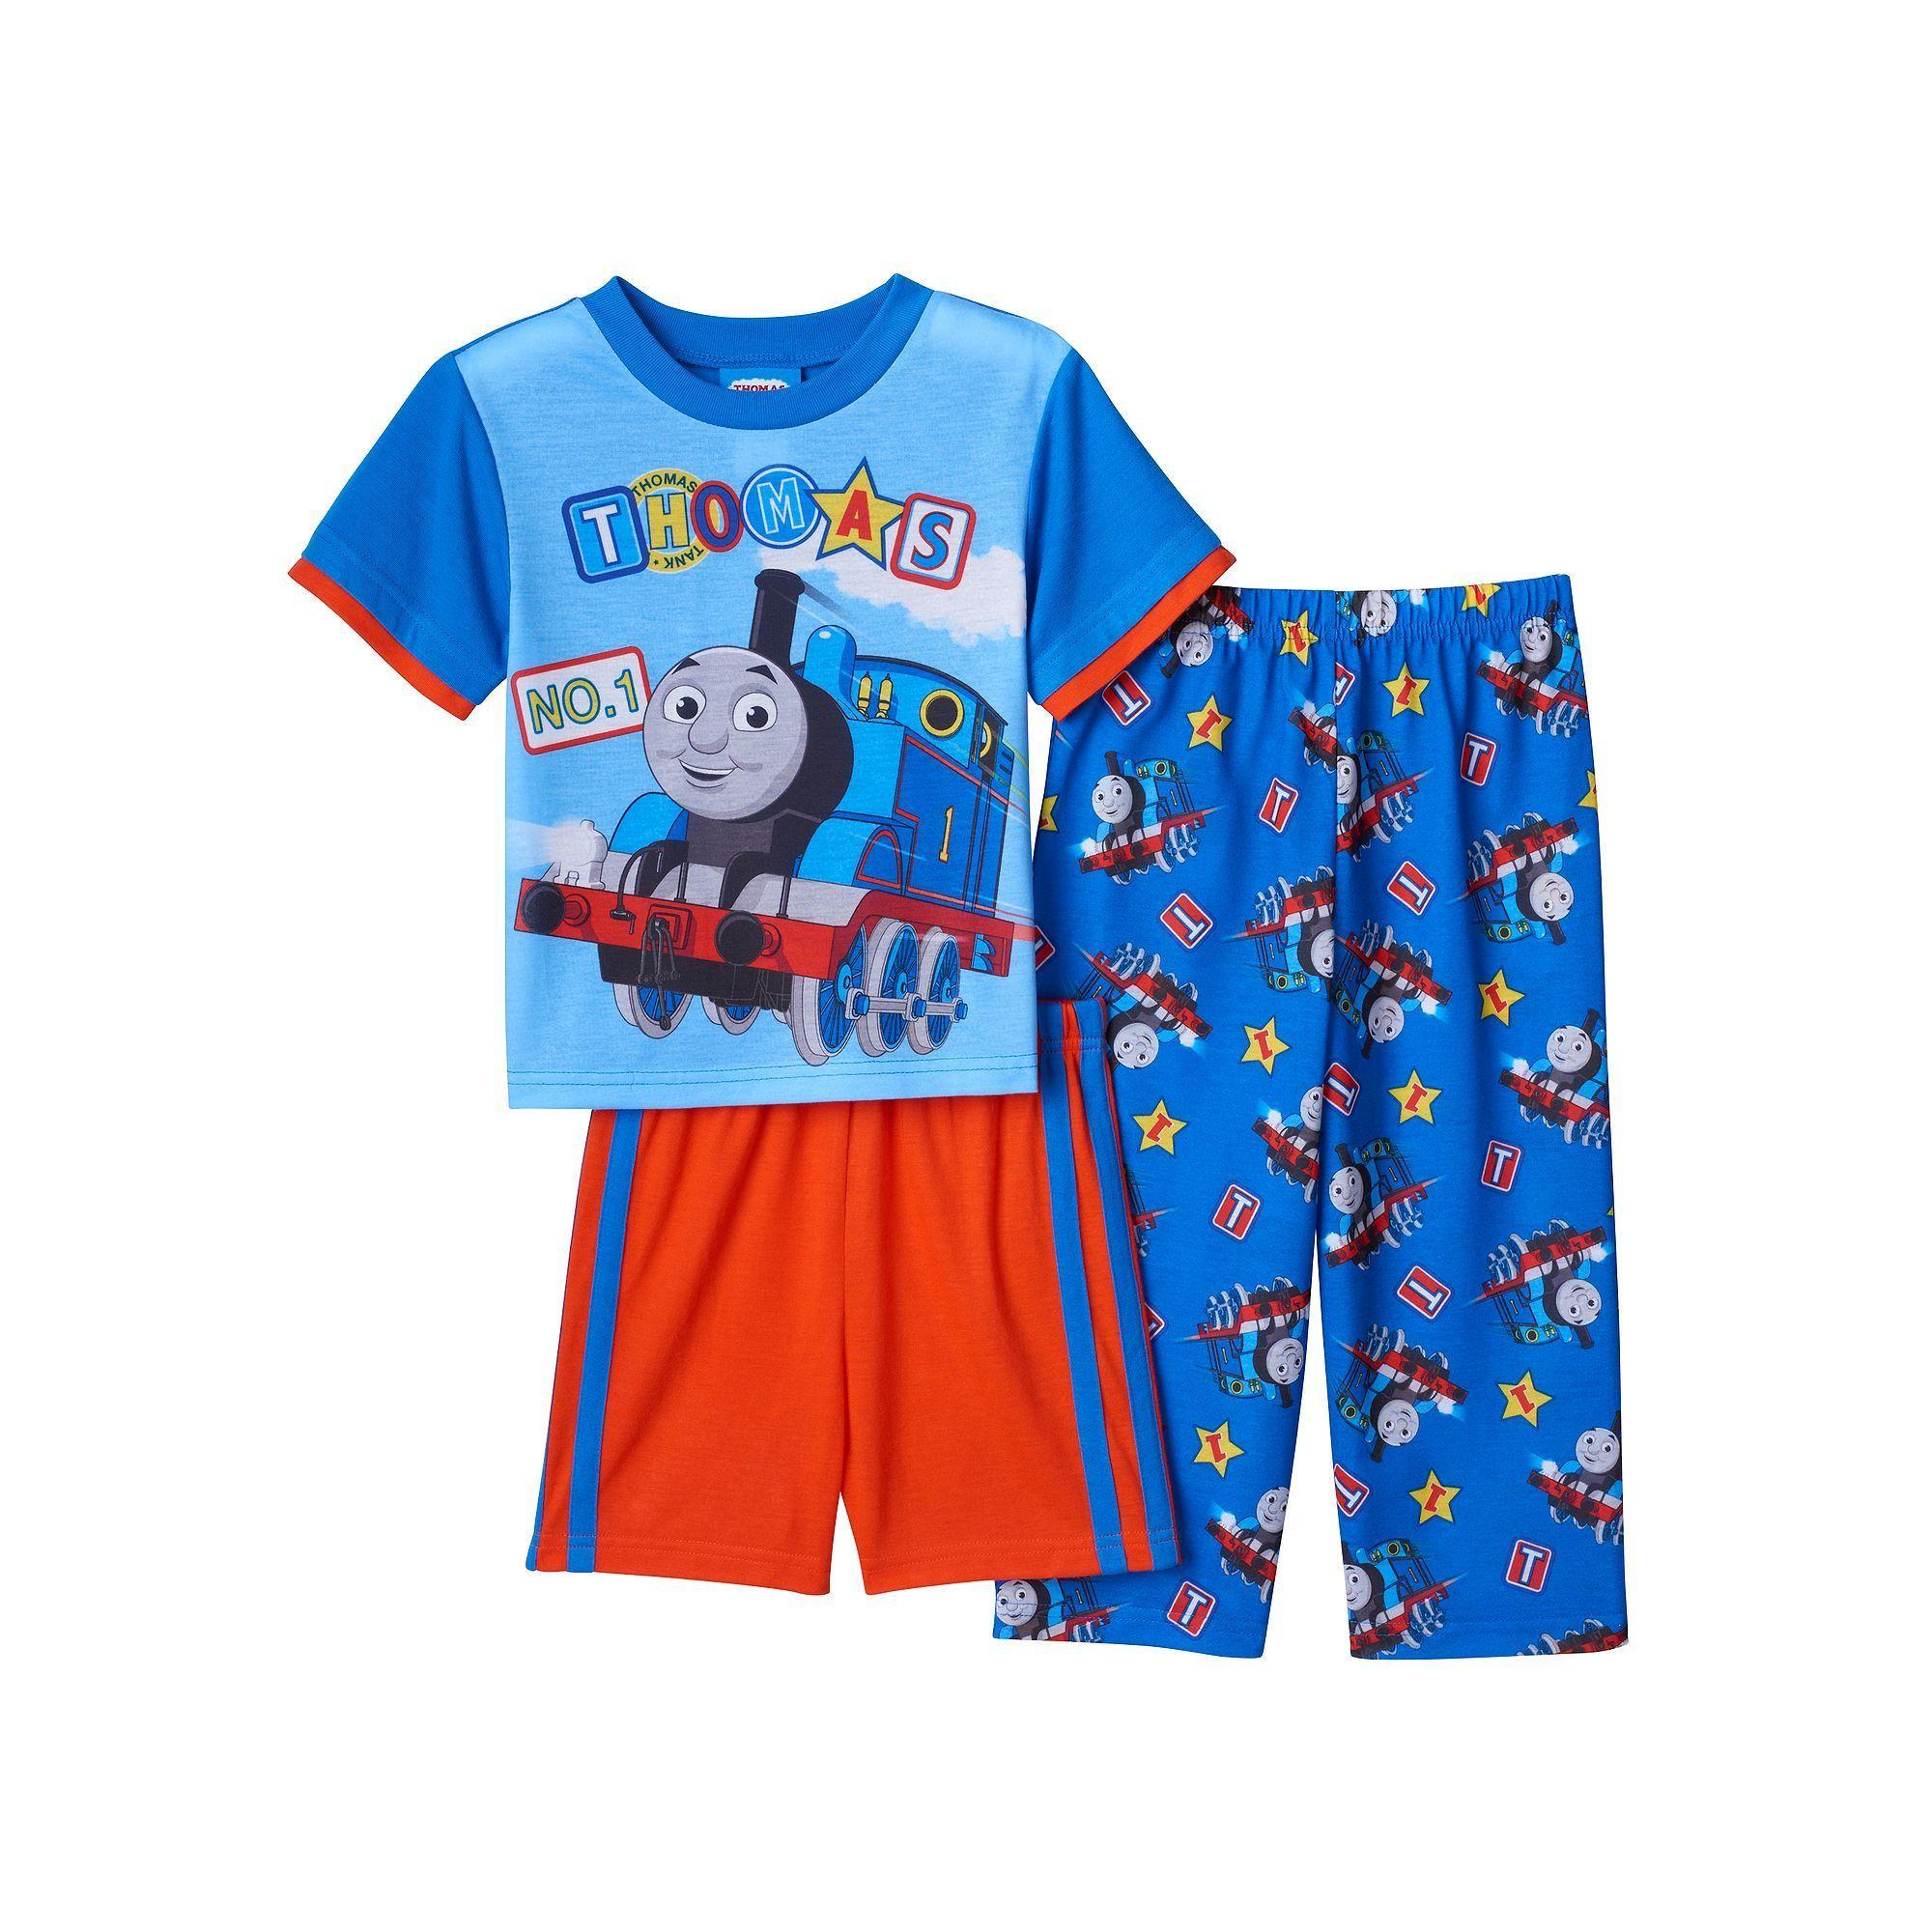 Thomas the Train toddler boys pajamas size 2T